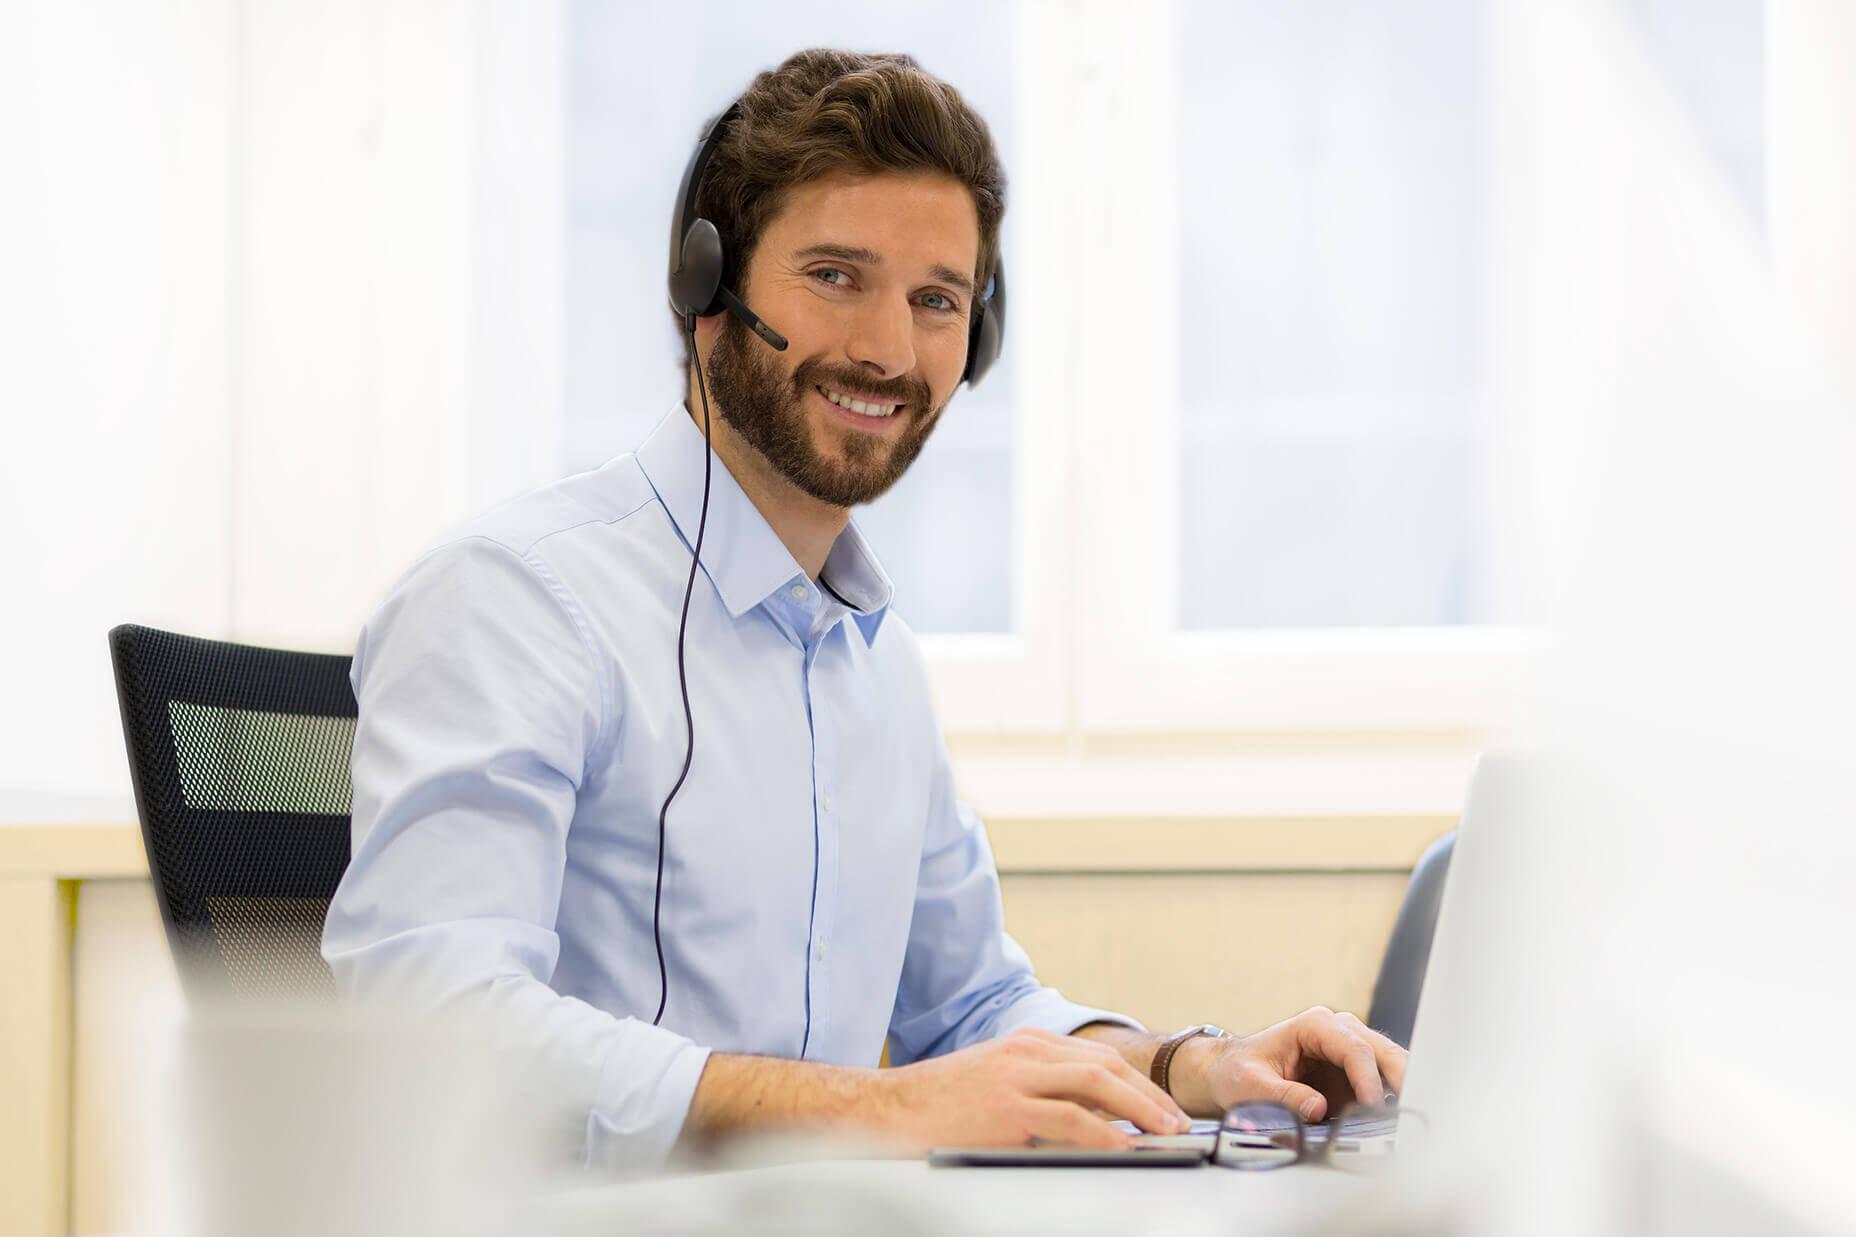 Junger männlicher Angestellter vpn Reisswolf mit Headset lächelt in die Kamera